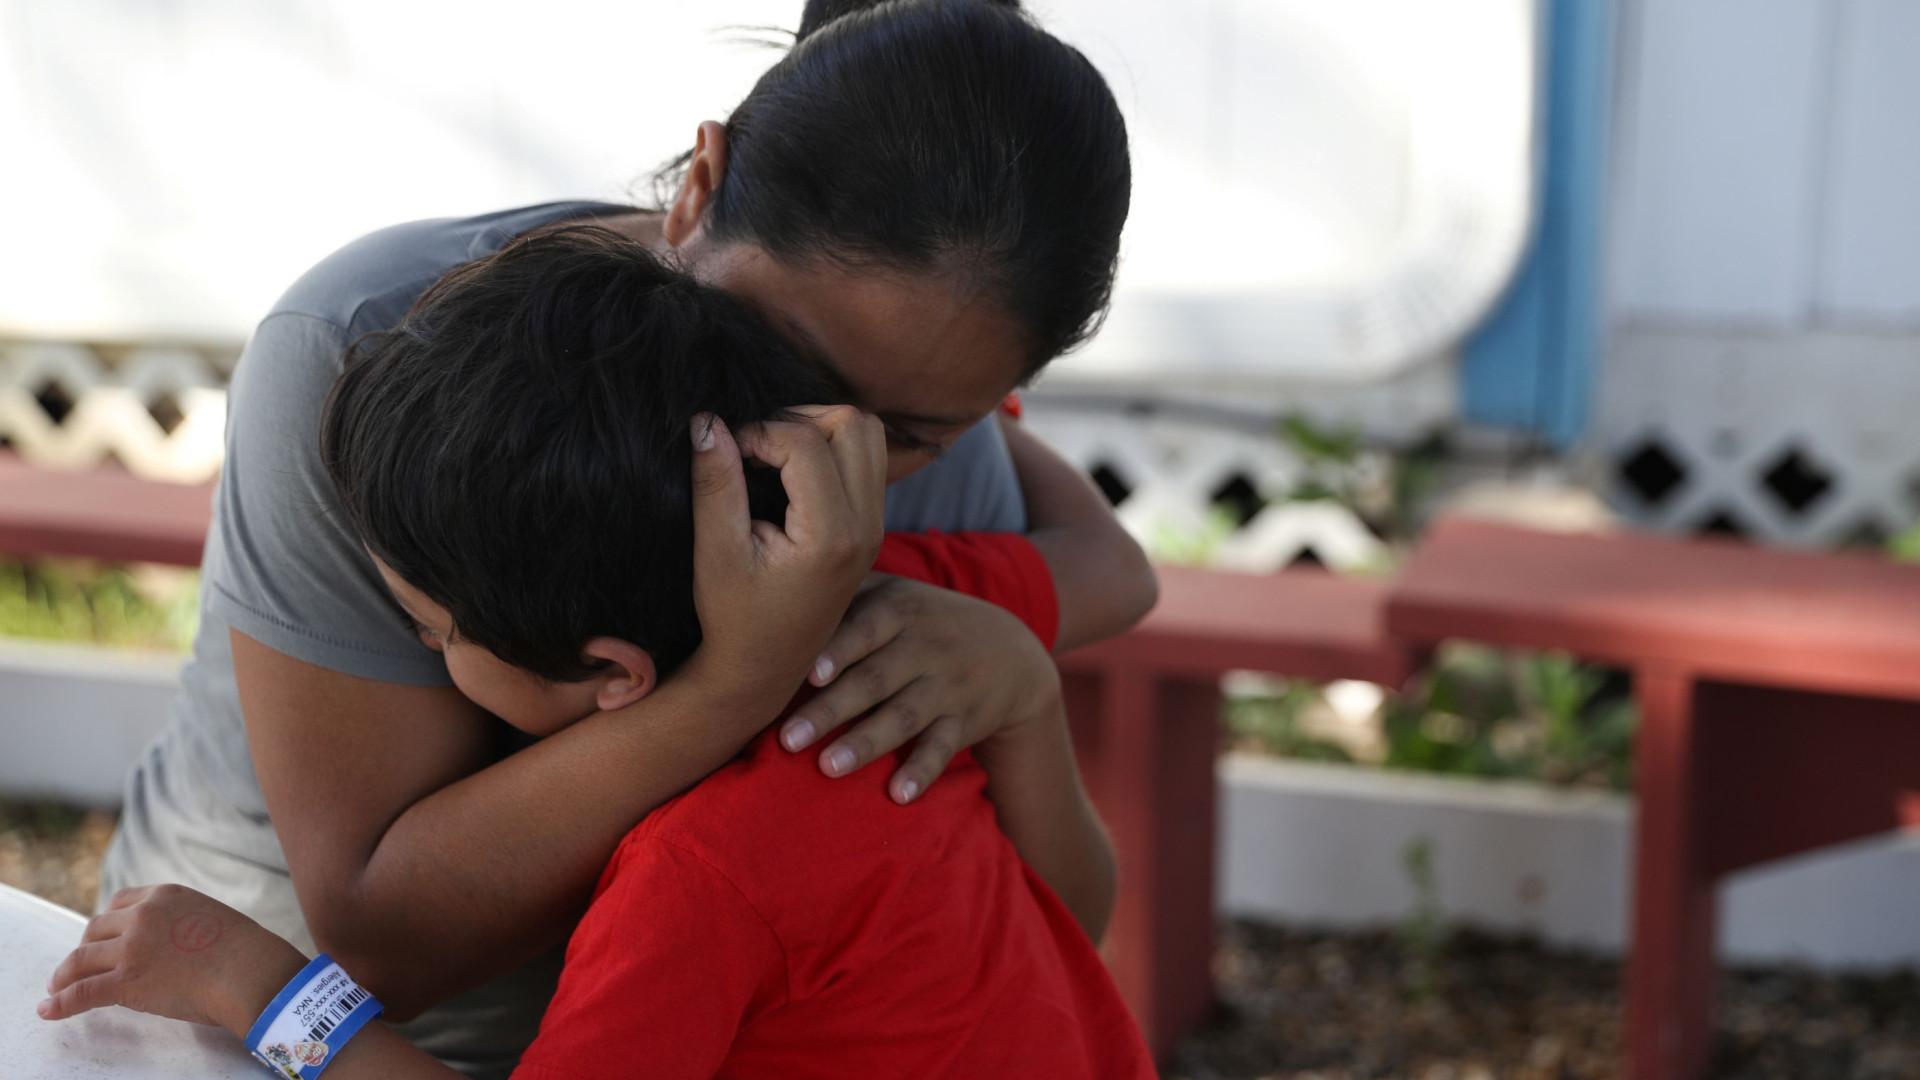 EUA entregaram 364 crianças às famílias separadas na fronteira com México